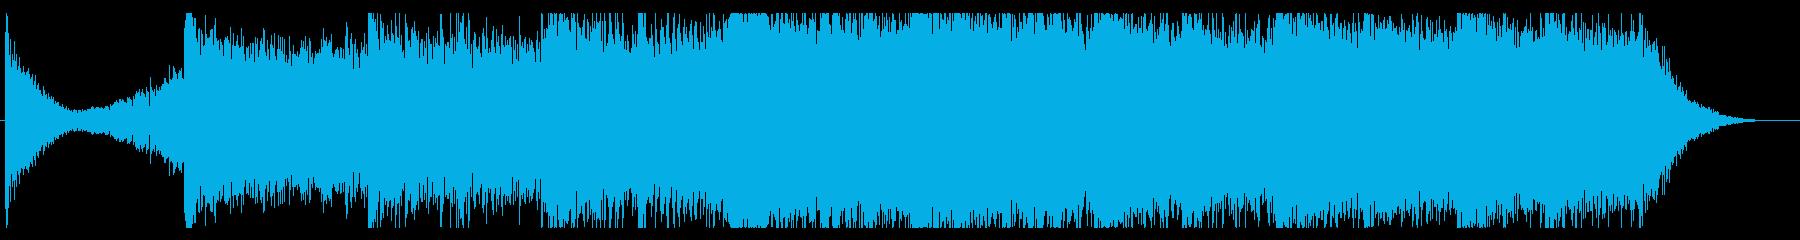 近未来的でダークなスピード感あるBGMの再生済みの波形